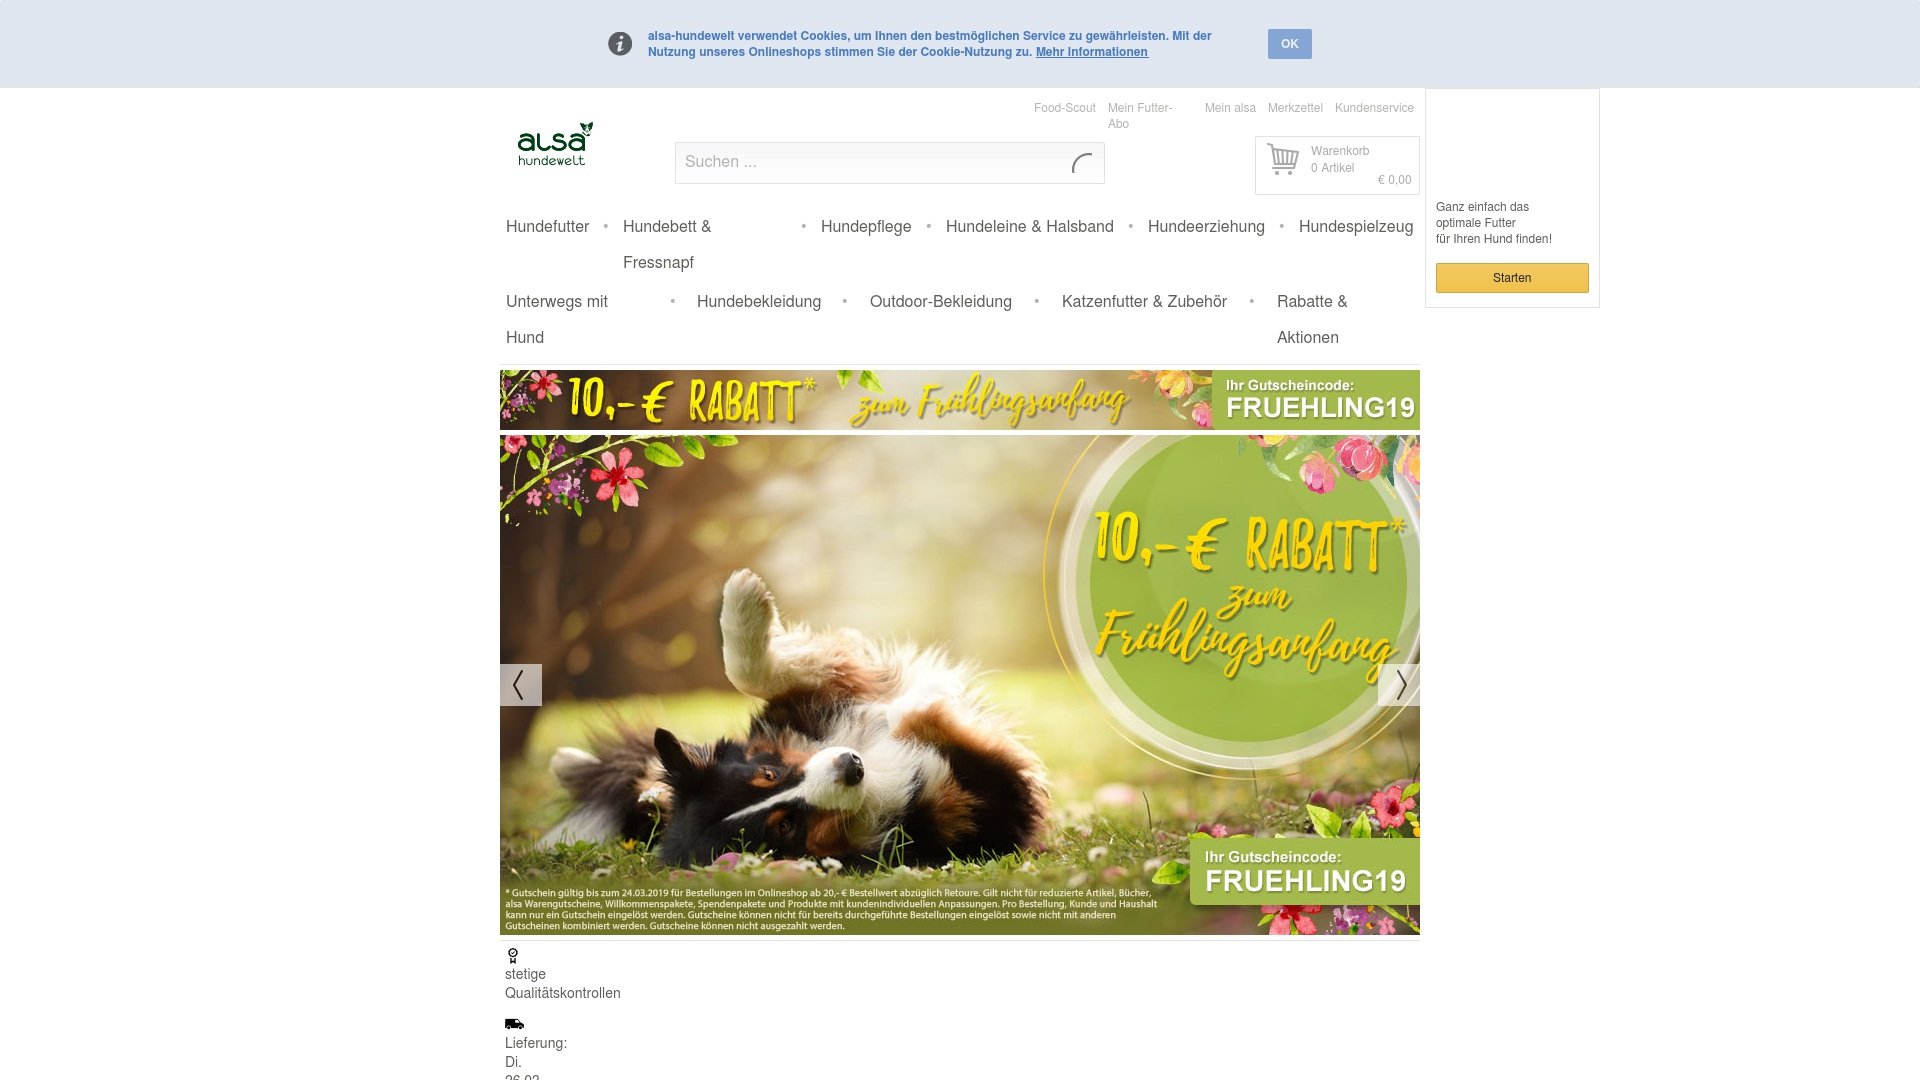 Gutschein für Alsa-hundewelt: Rabatte für  Alsa-hundewelt sichern